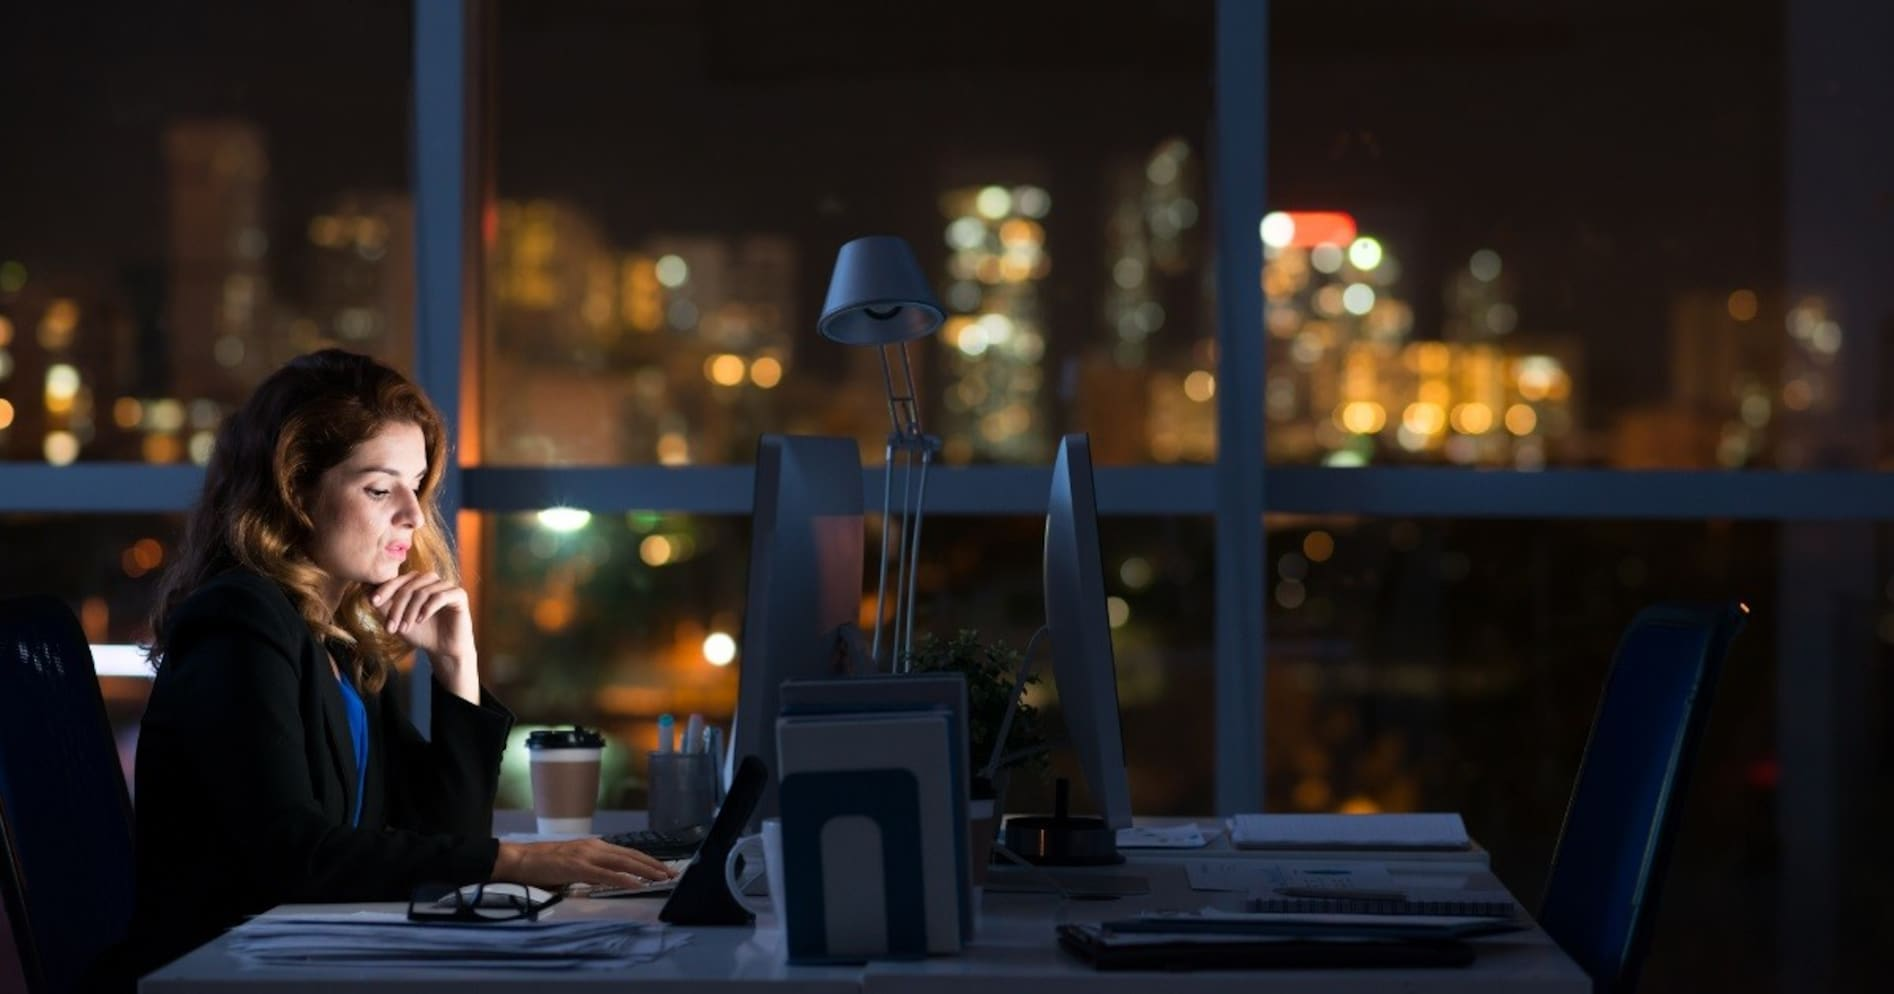 海外の人から「住んでみたいが働きたくはない」と言われる日本